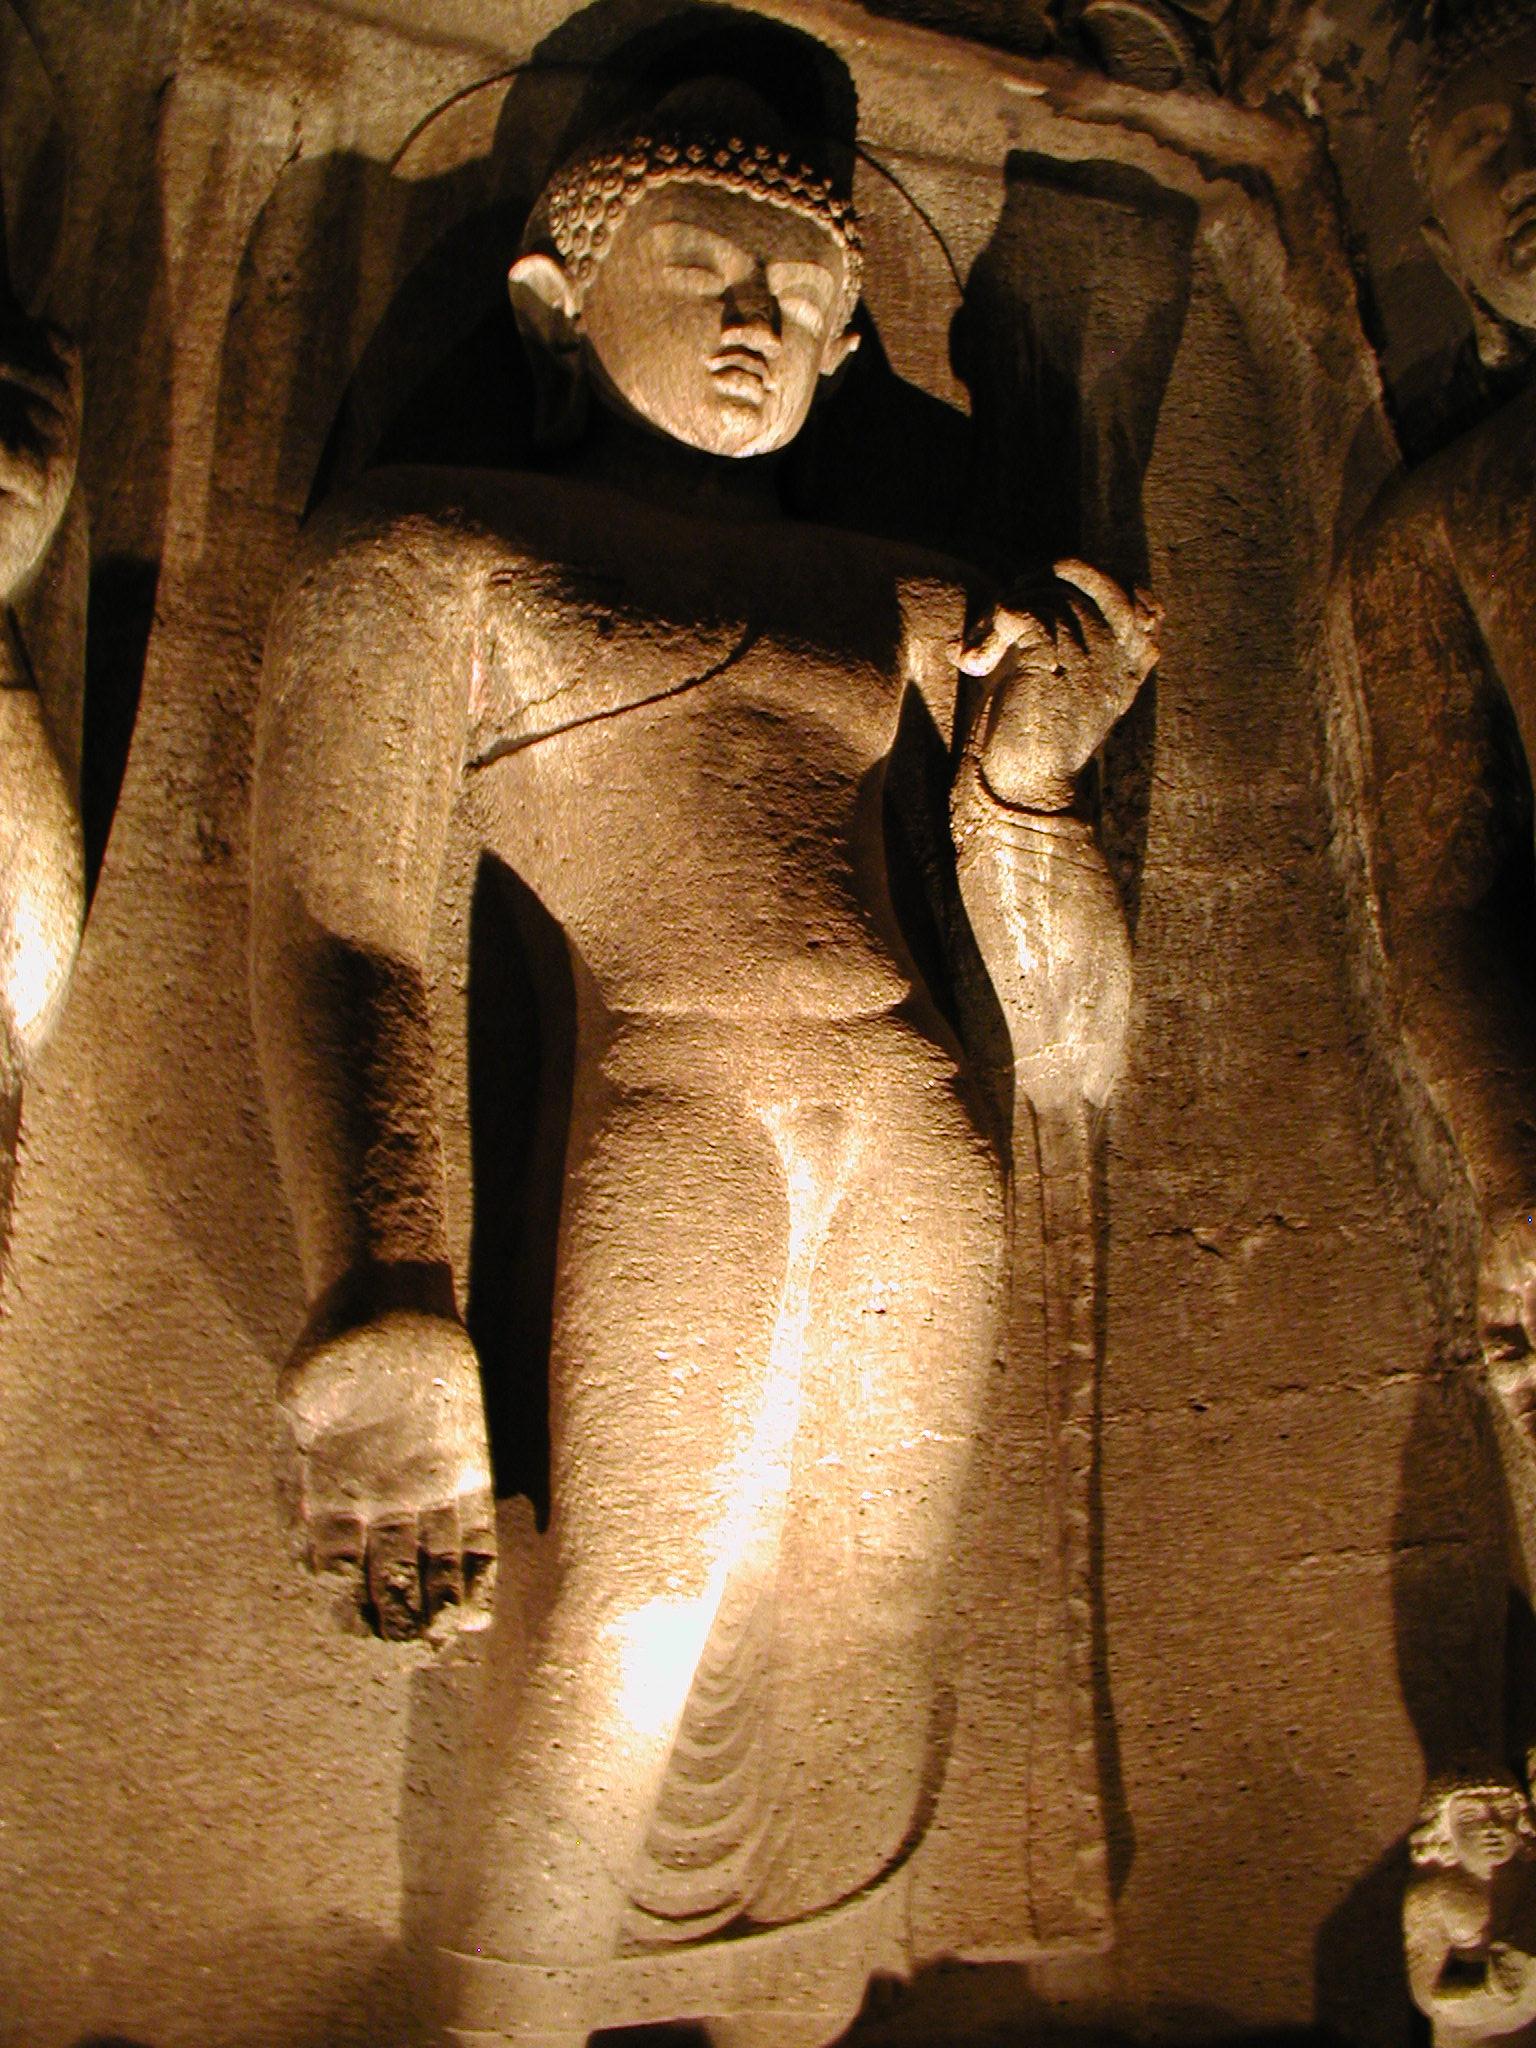 A statue in Ajunta Caves